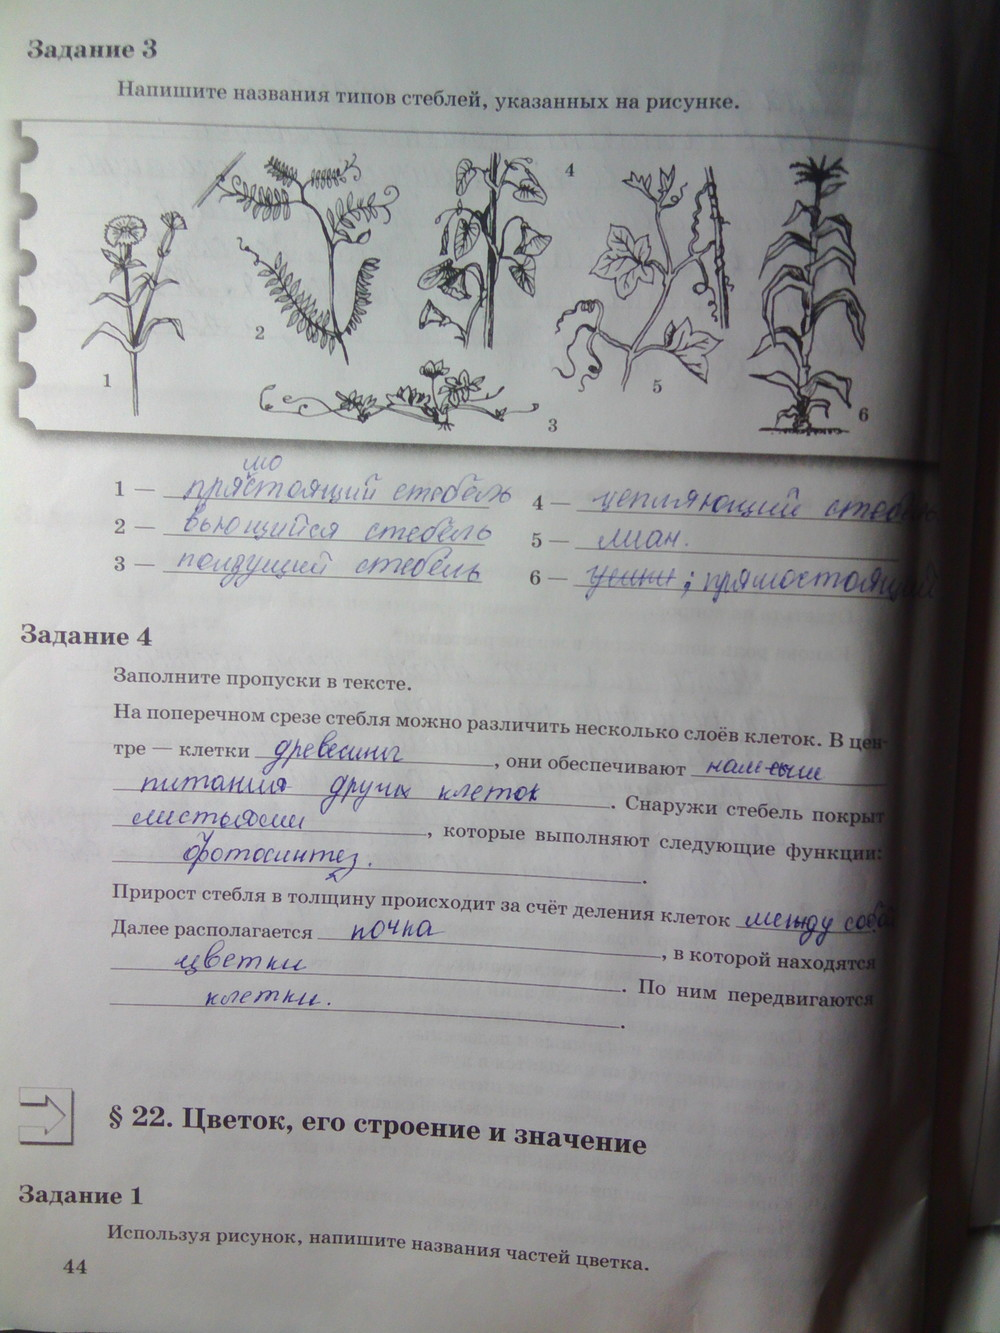 Решебник по биологии 6 класс учебник автор пономарева 2018 год